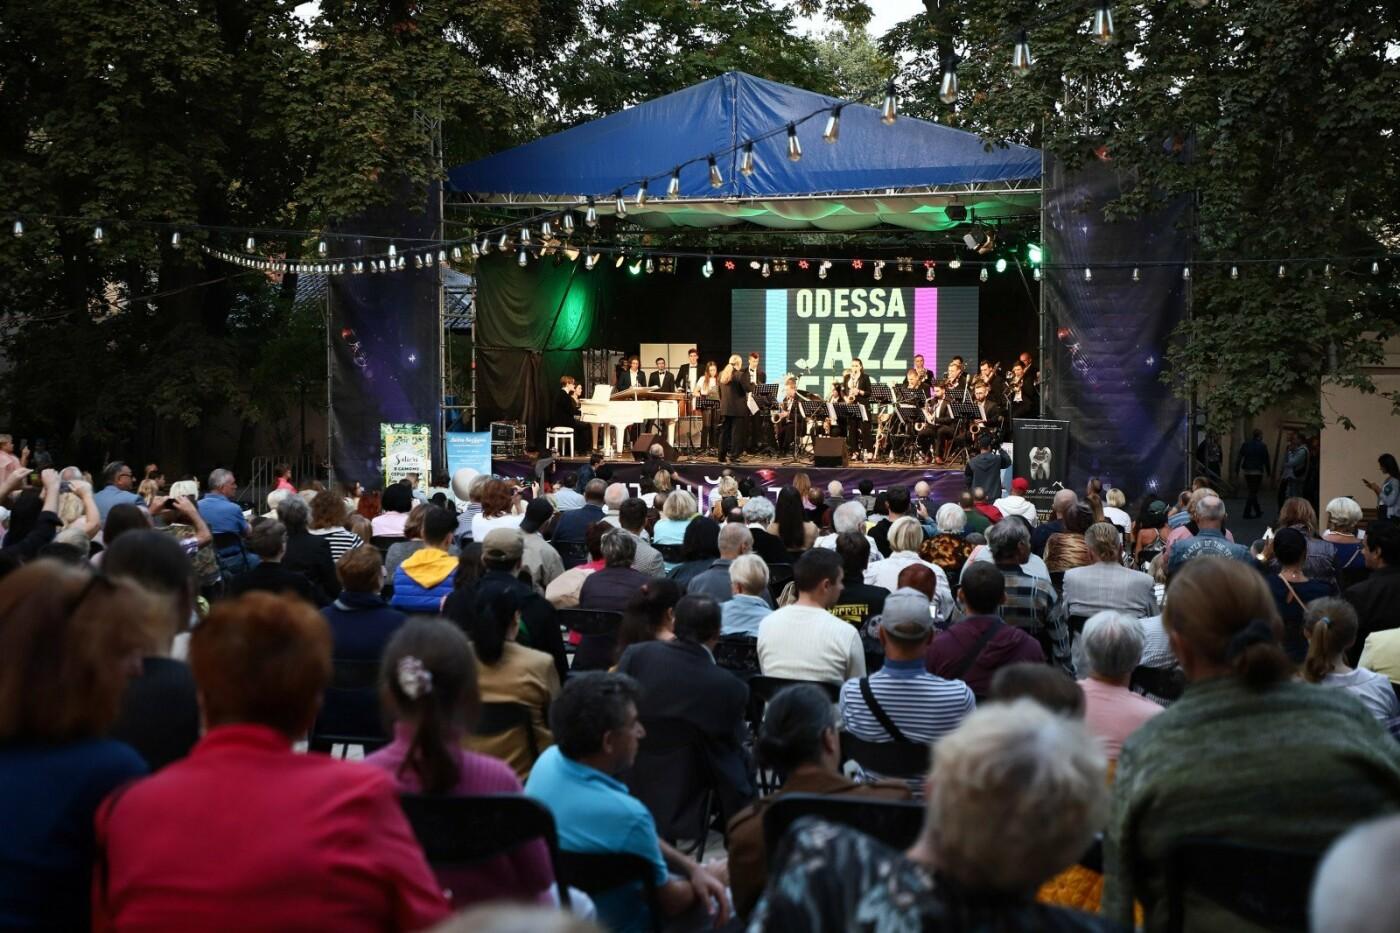 В Одессе прошел джазовый фестиваль под открытым небом, - ФОТО, фото-1